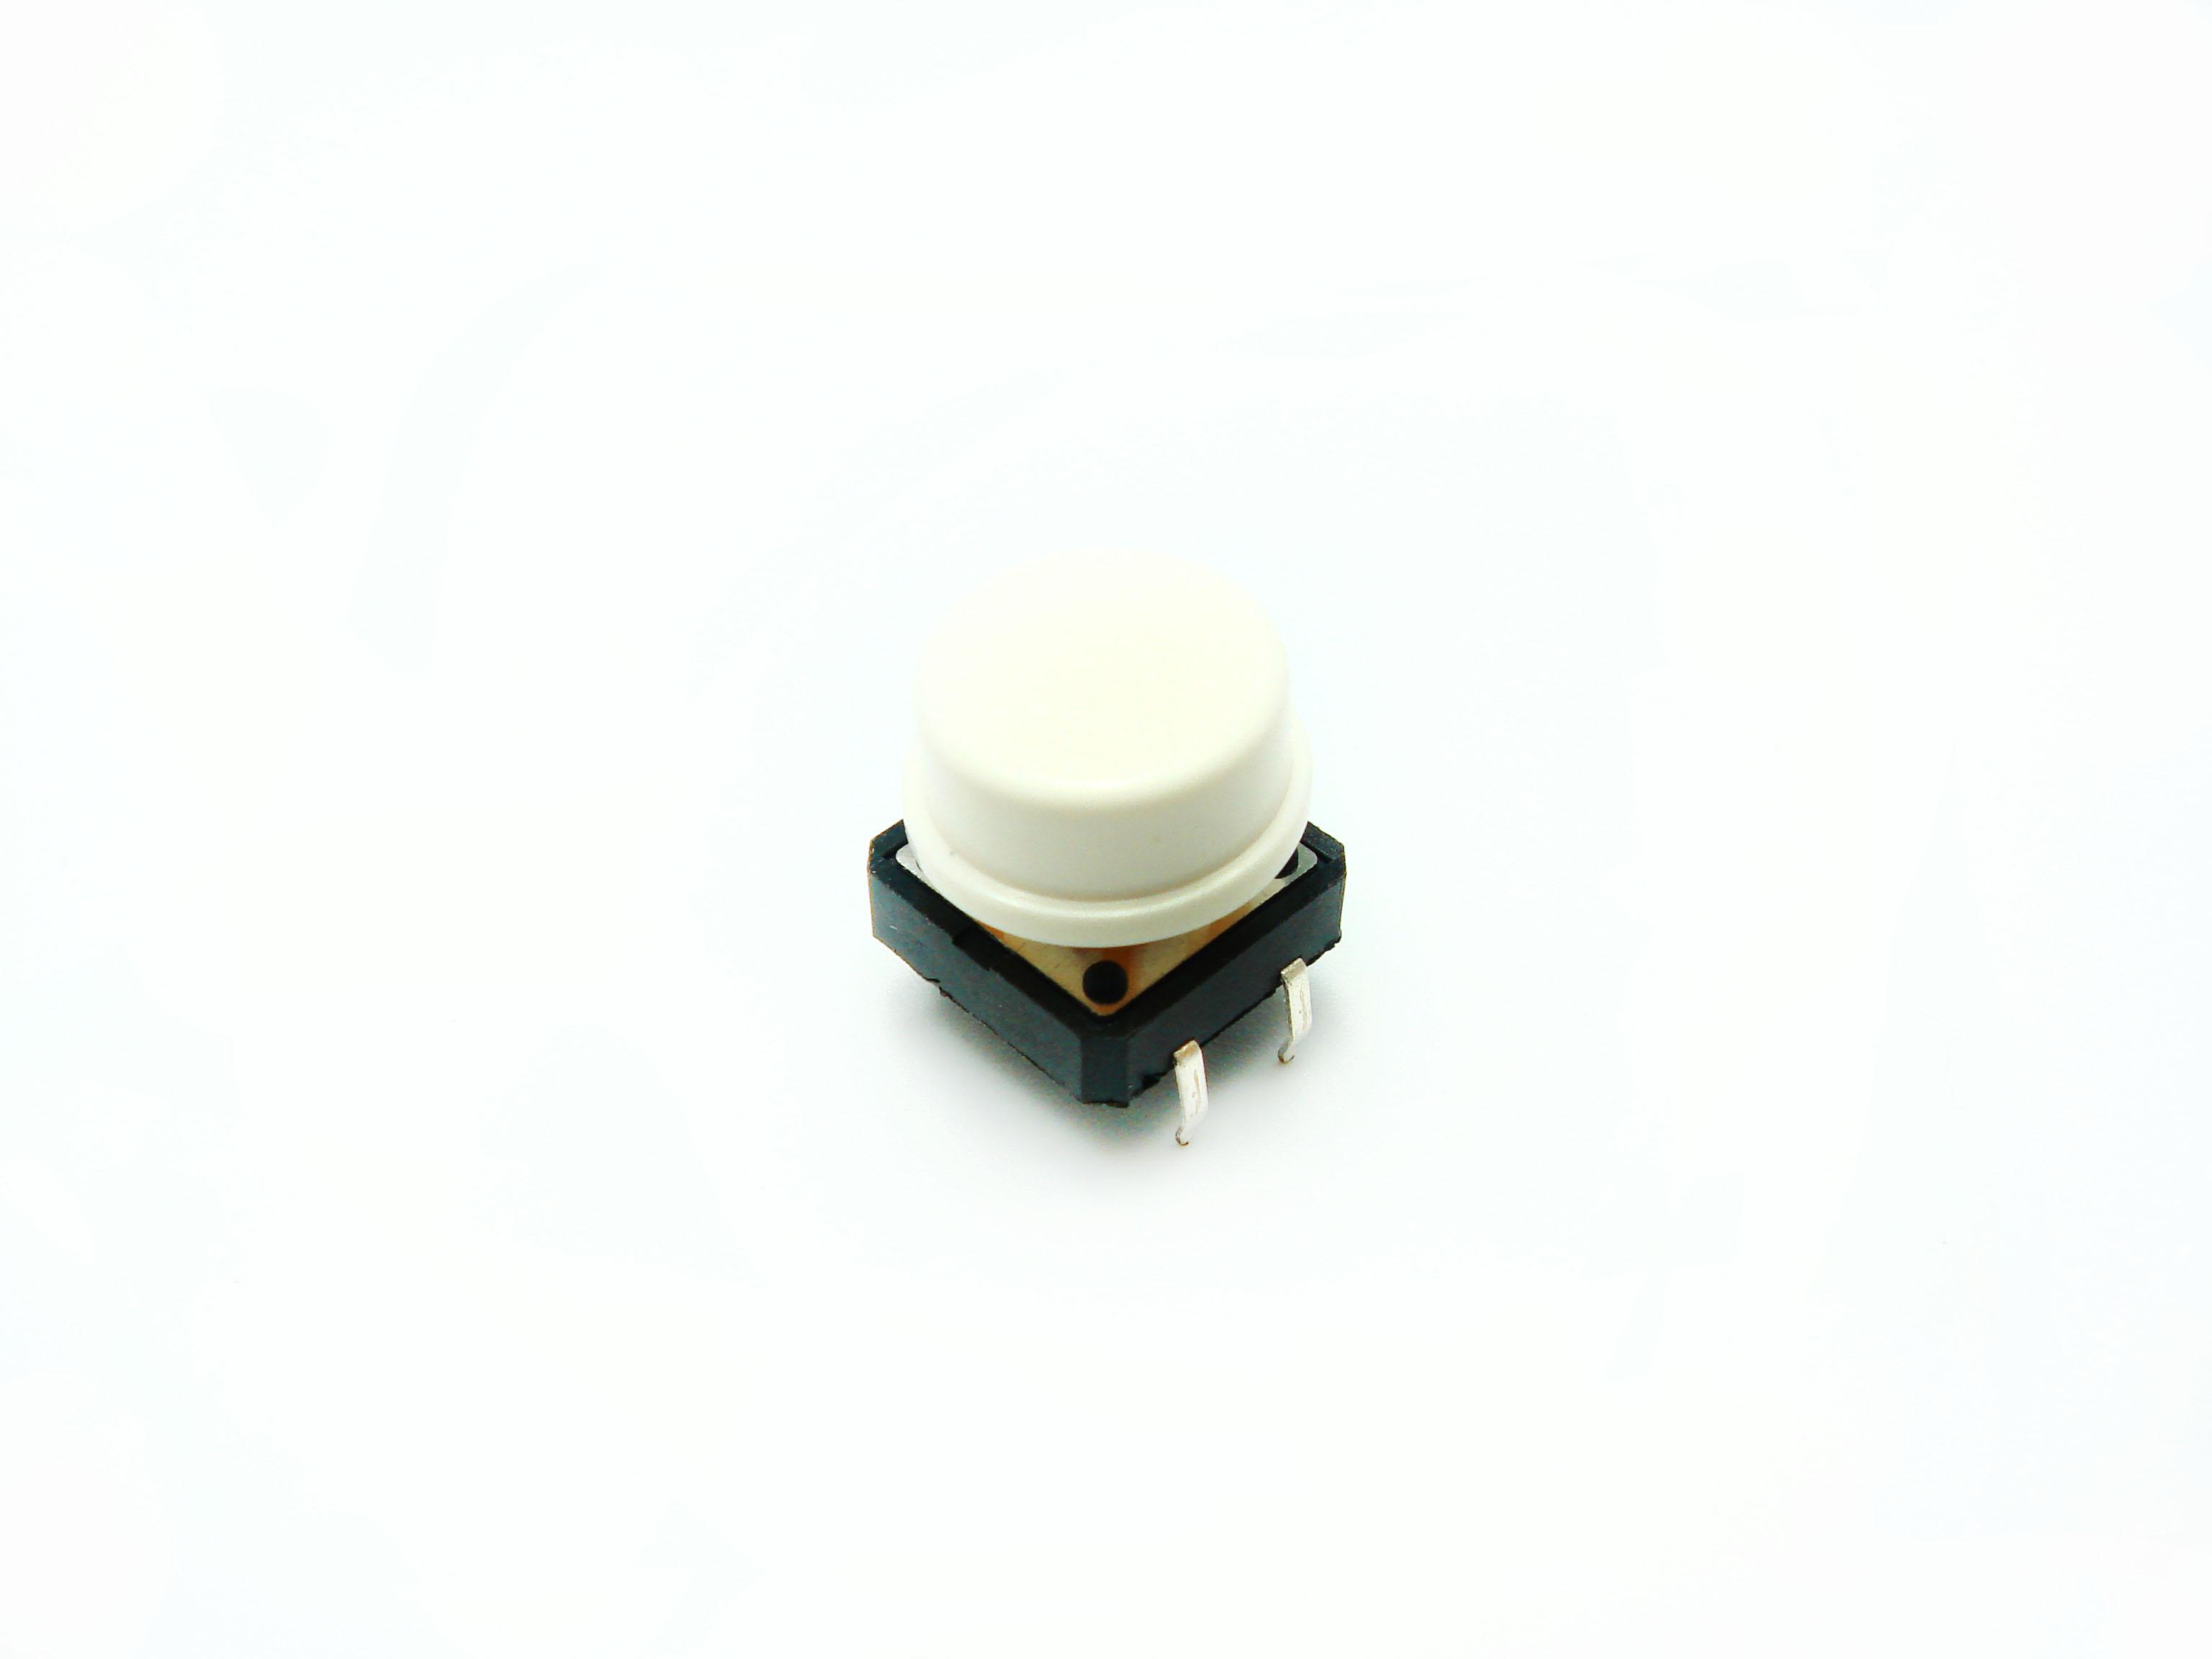 สวิตช์ ปุ่มกดติดปล่อยดับ B3F ขนาด 12 * 12 * 7.3 mm หัวสีขาว